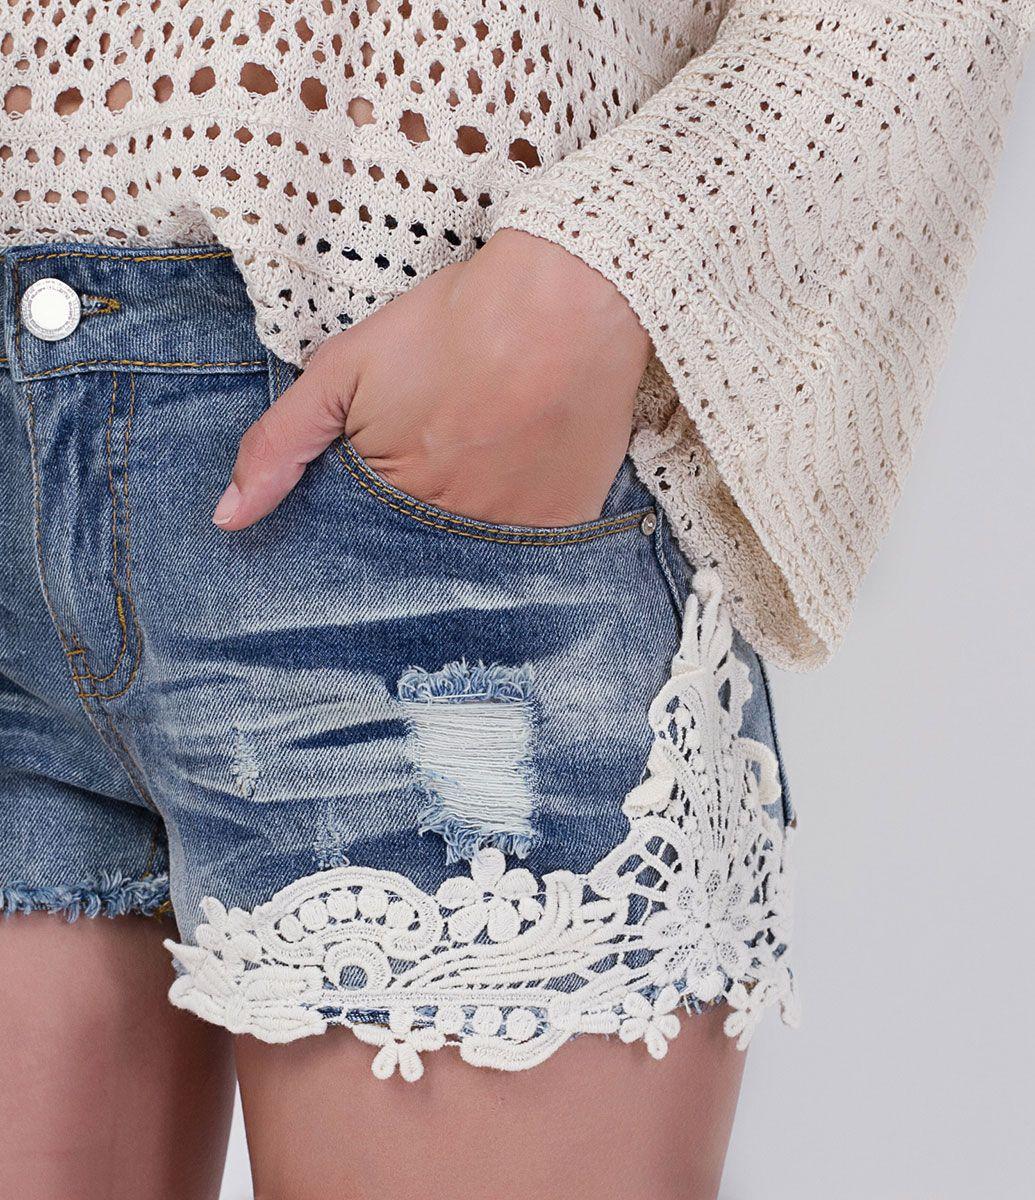 b278a8565 Short feminino Detalhe em renda guipir Marca  Blue Steel Tecido  jeans  Composição  100% algodão Modelo veste tamanho  36 COLEÇÃO INVERNO 2016 Veja  outras ...